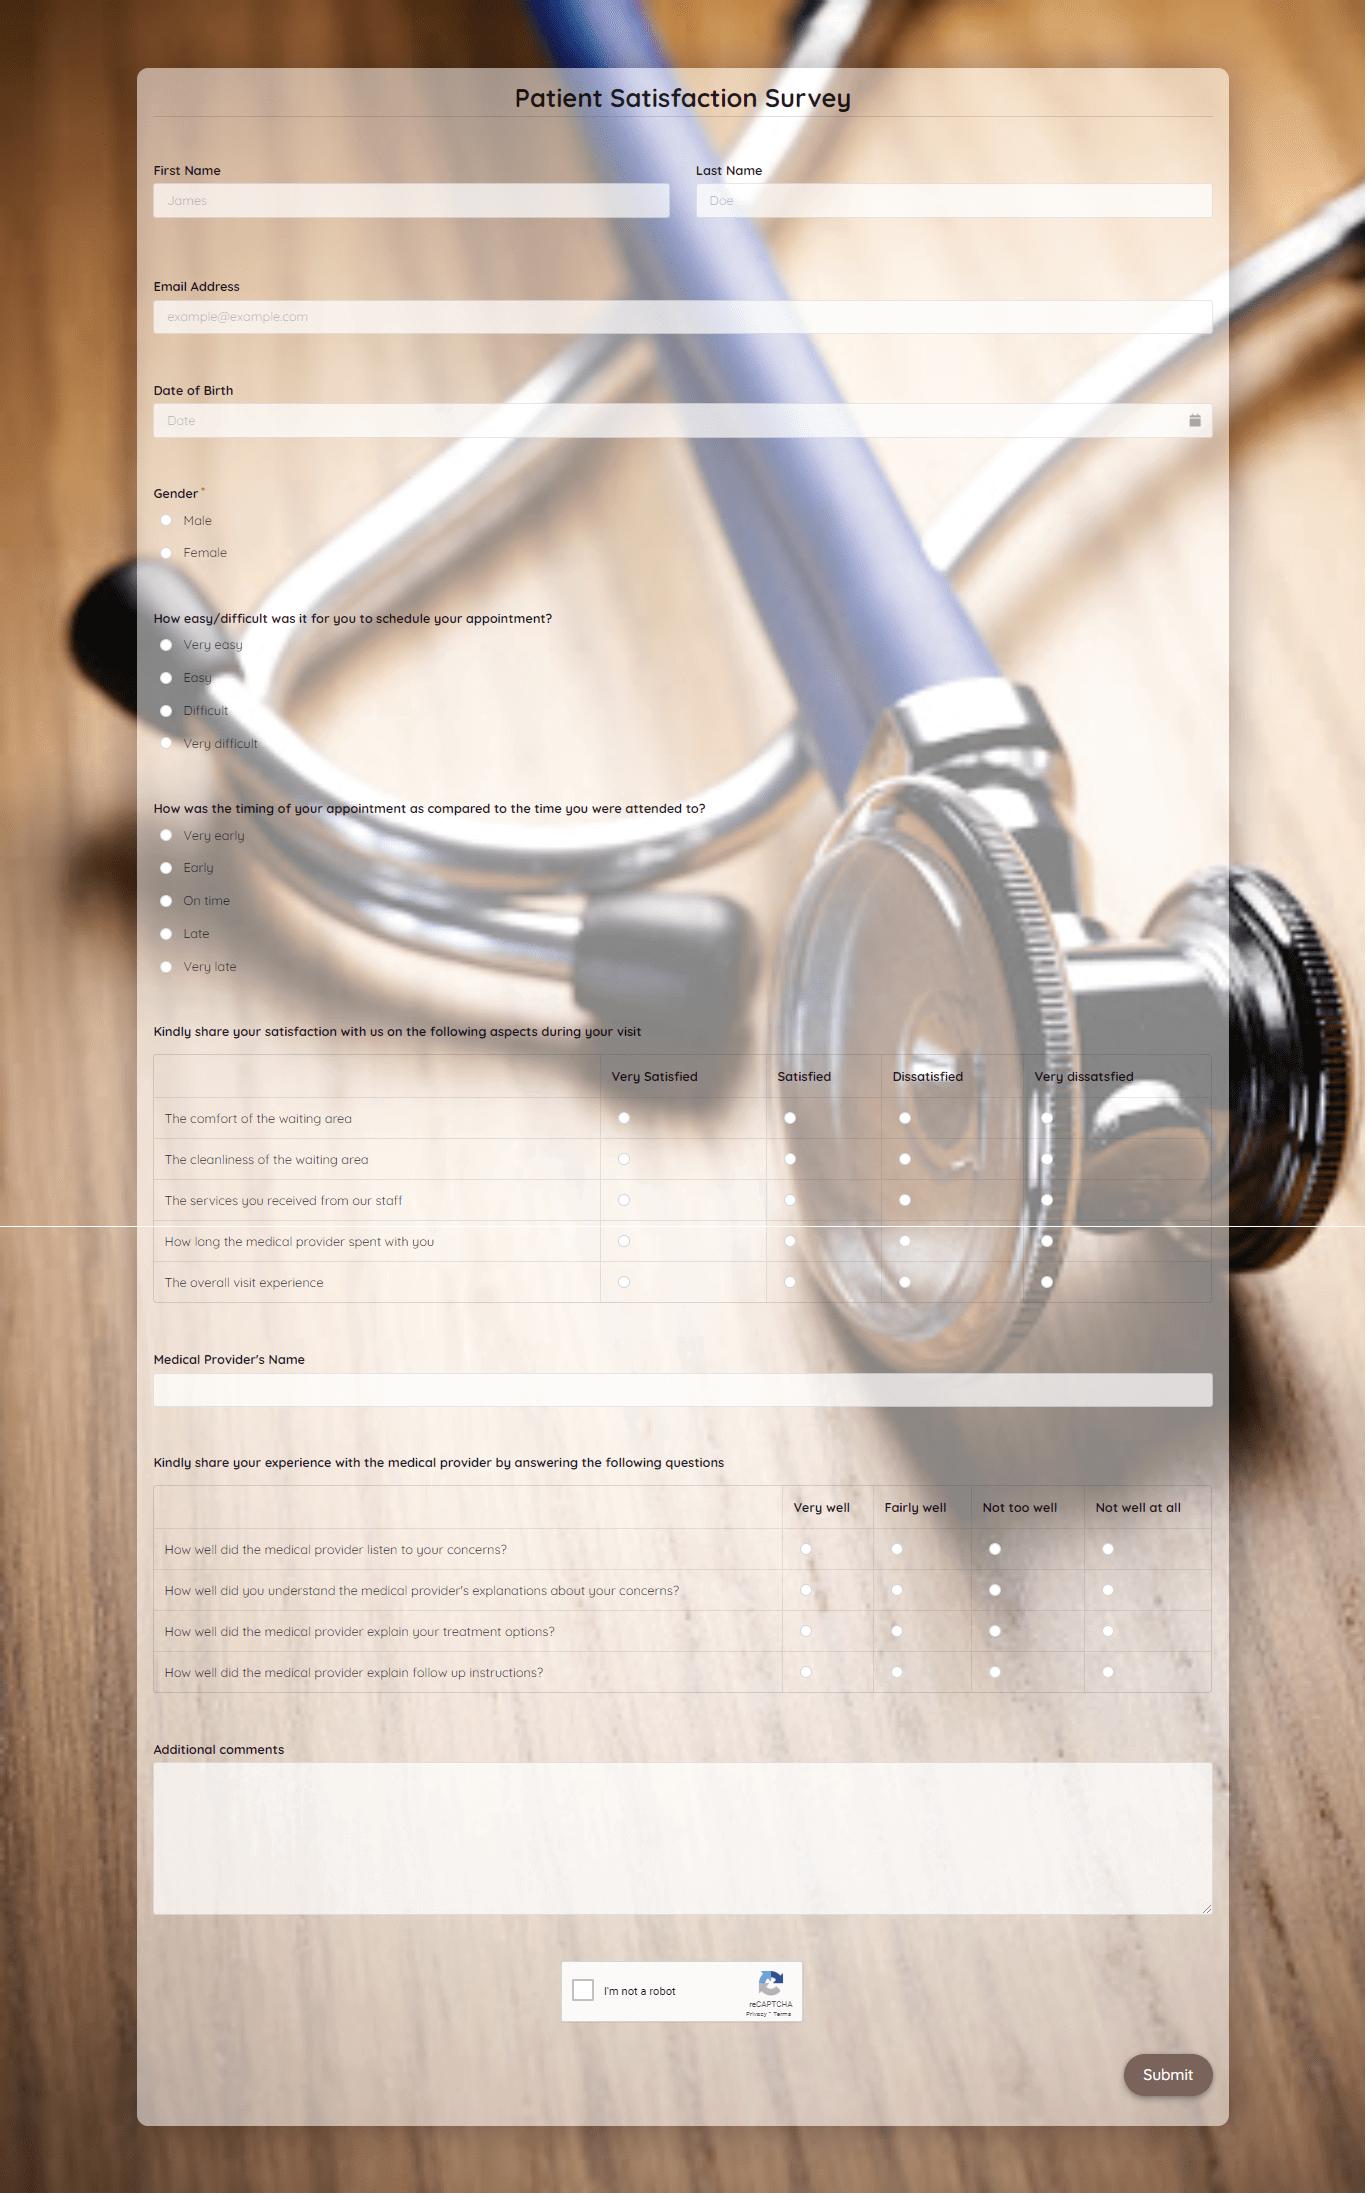 Patient Satisfaction Survey Template template